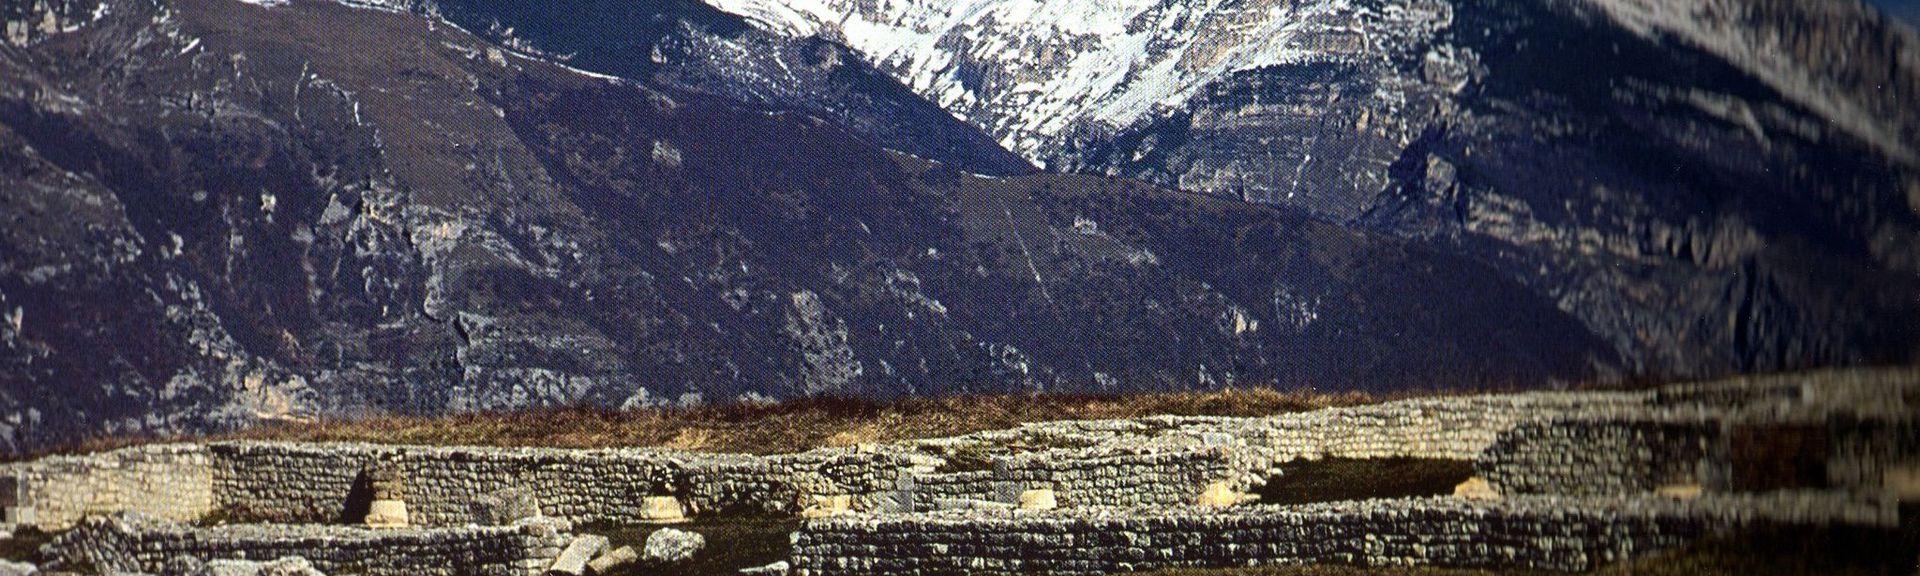 Area Sciistica di Roccaraso-Aremogna, Roccaraso, Abruzzo, Italia